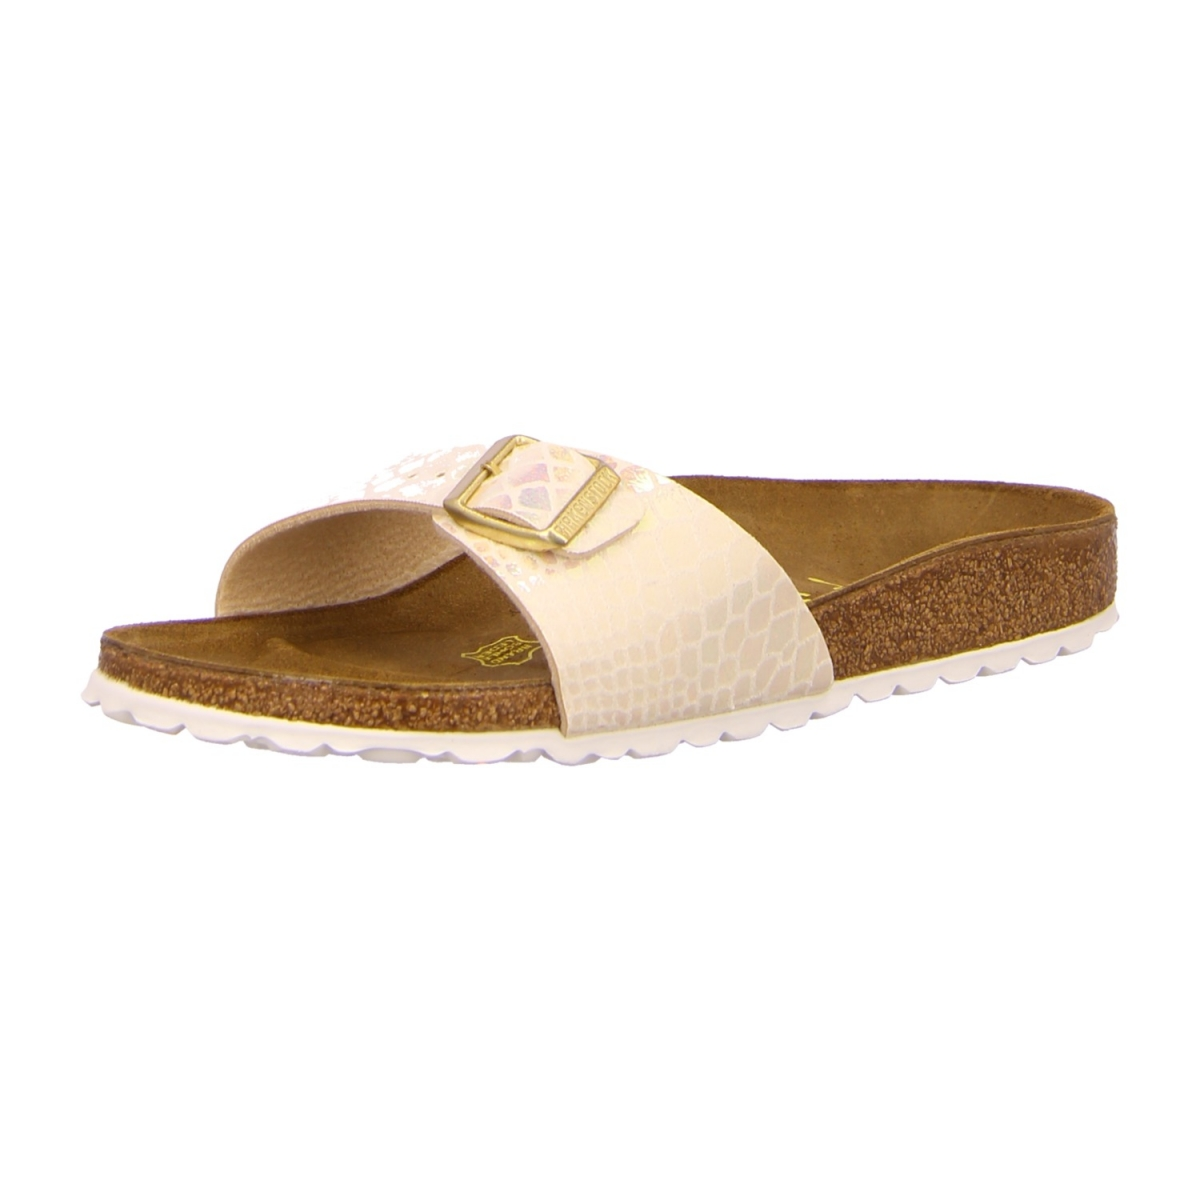 e974c4e0e52 Birkenstock Women Sandal Sliders Shoes Girls. rose gold birkenstock sandals